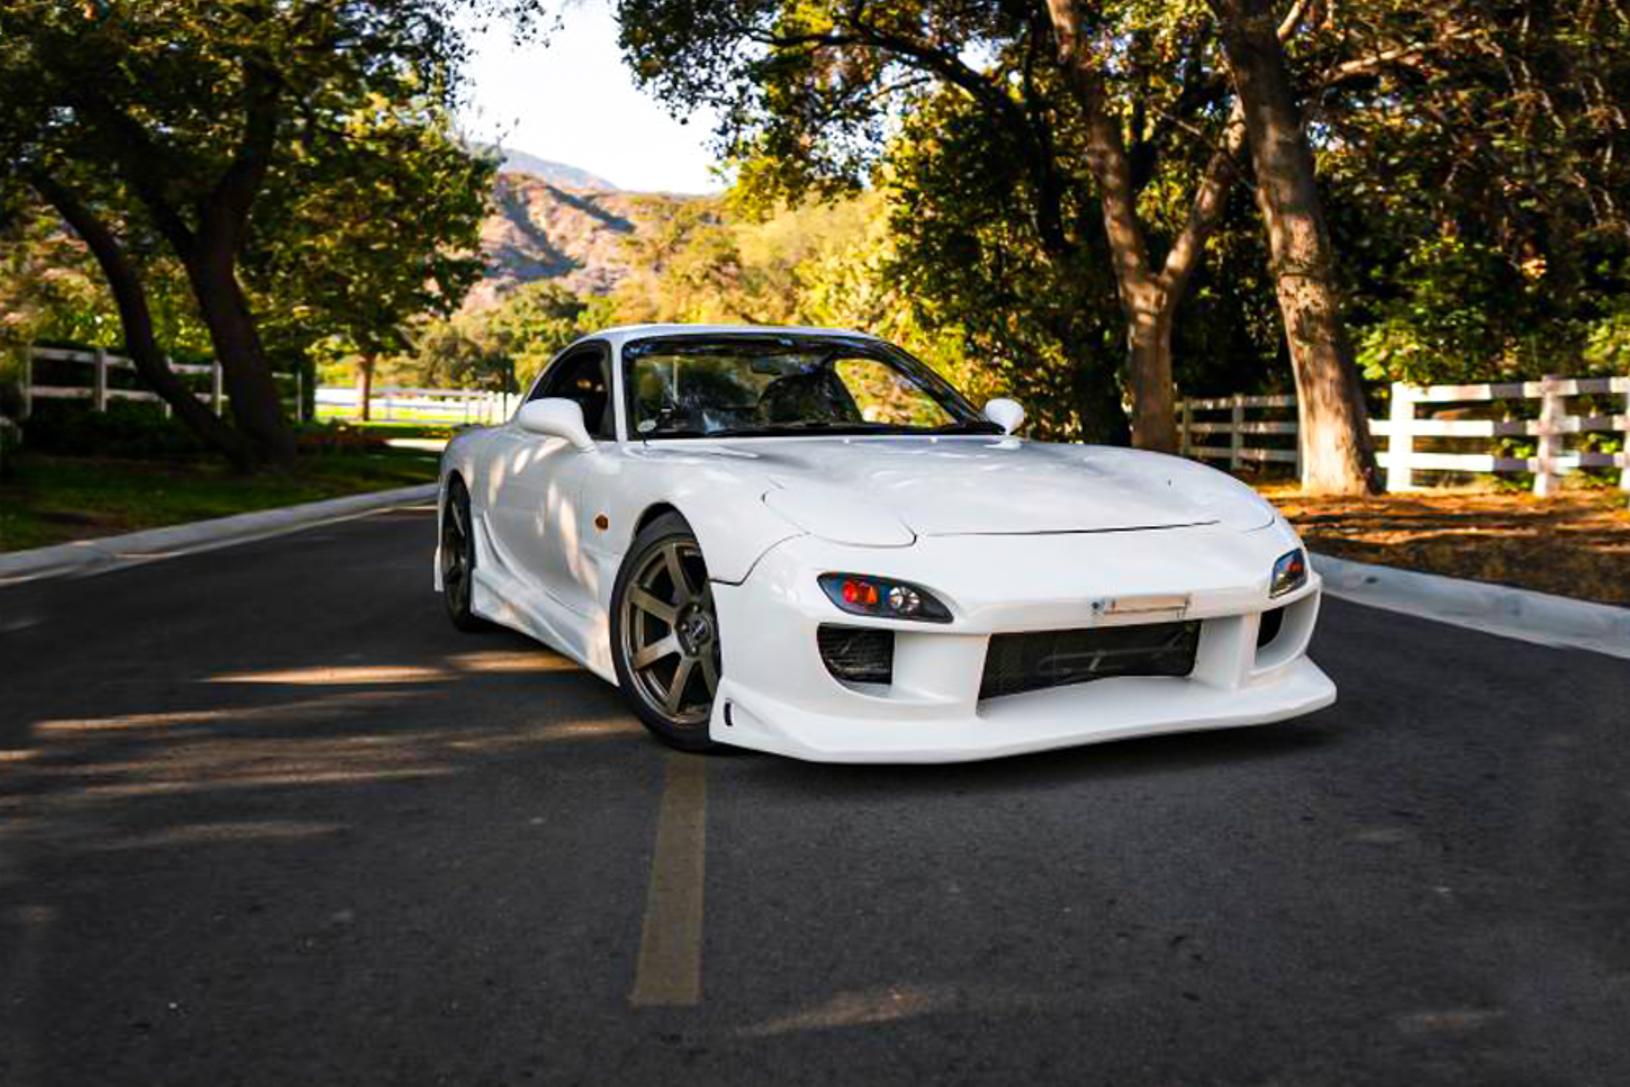 1996 Mazda RX-7 'Type R Bathurst'